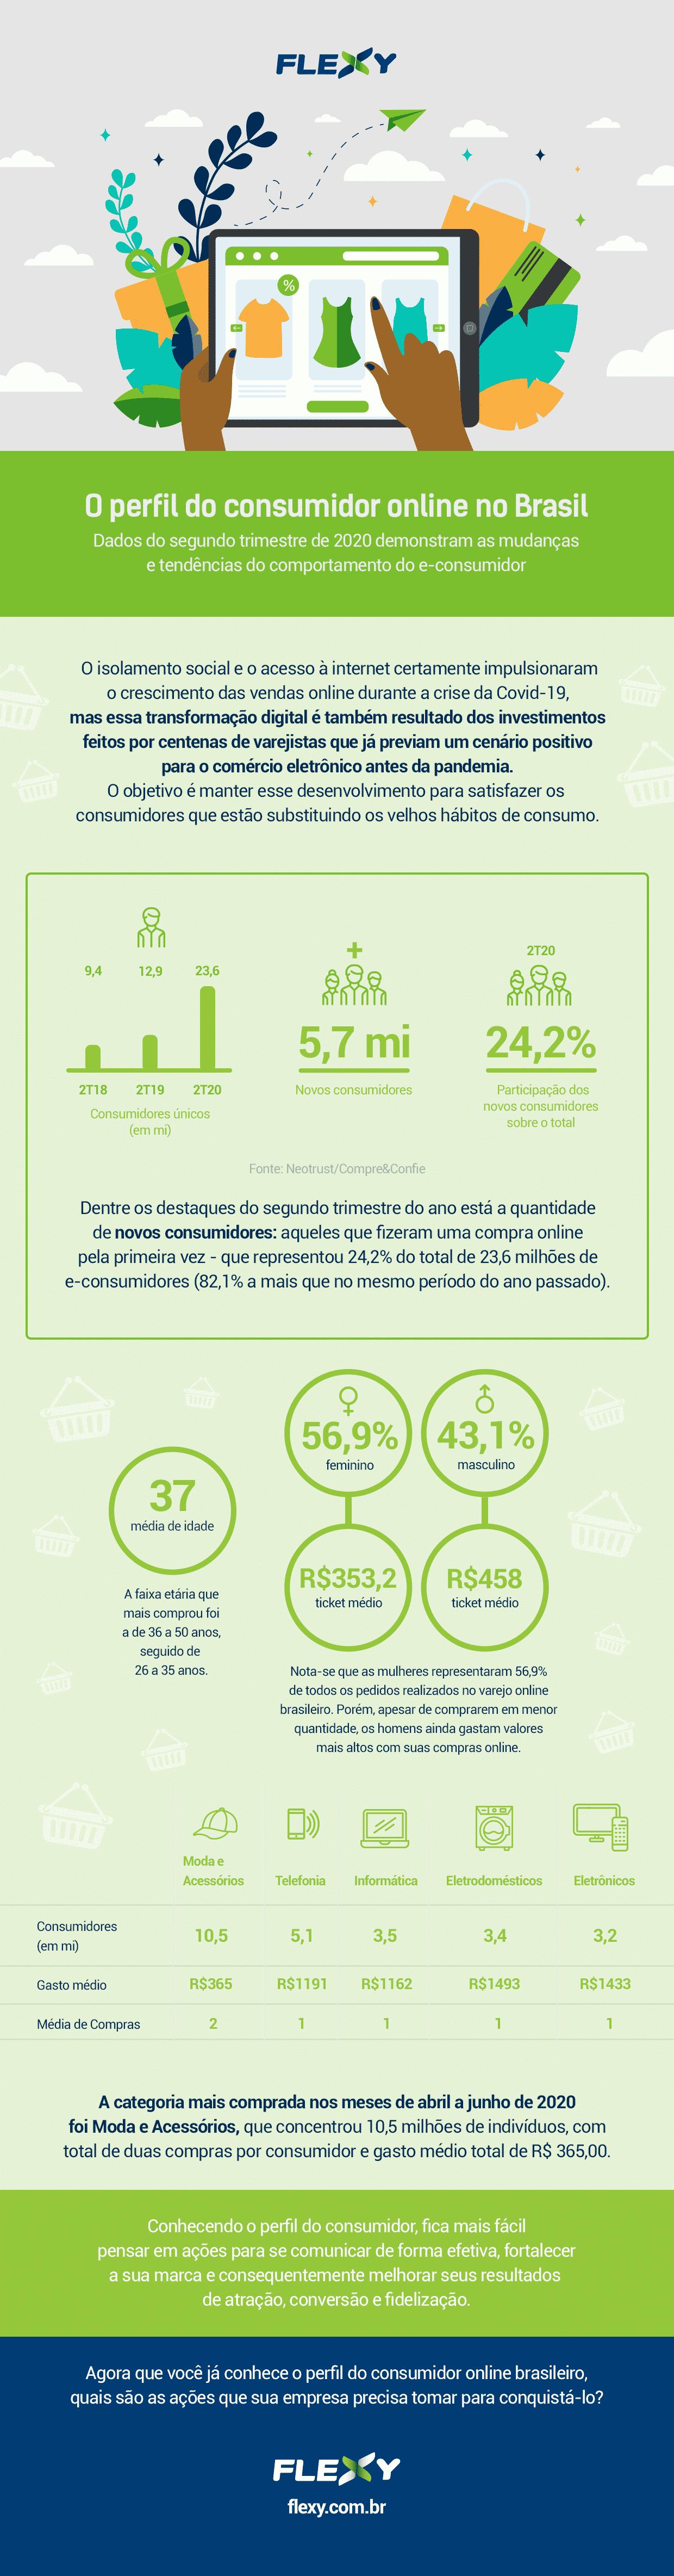 Perfil do consumidor online no Brasil